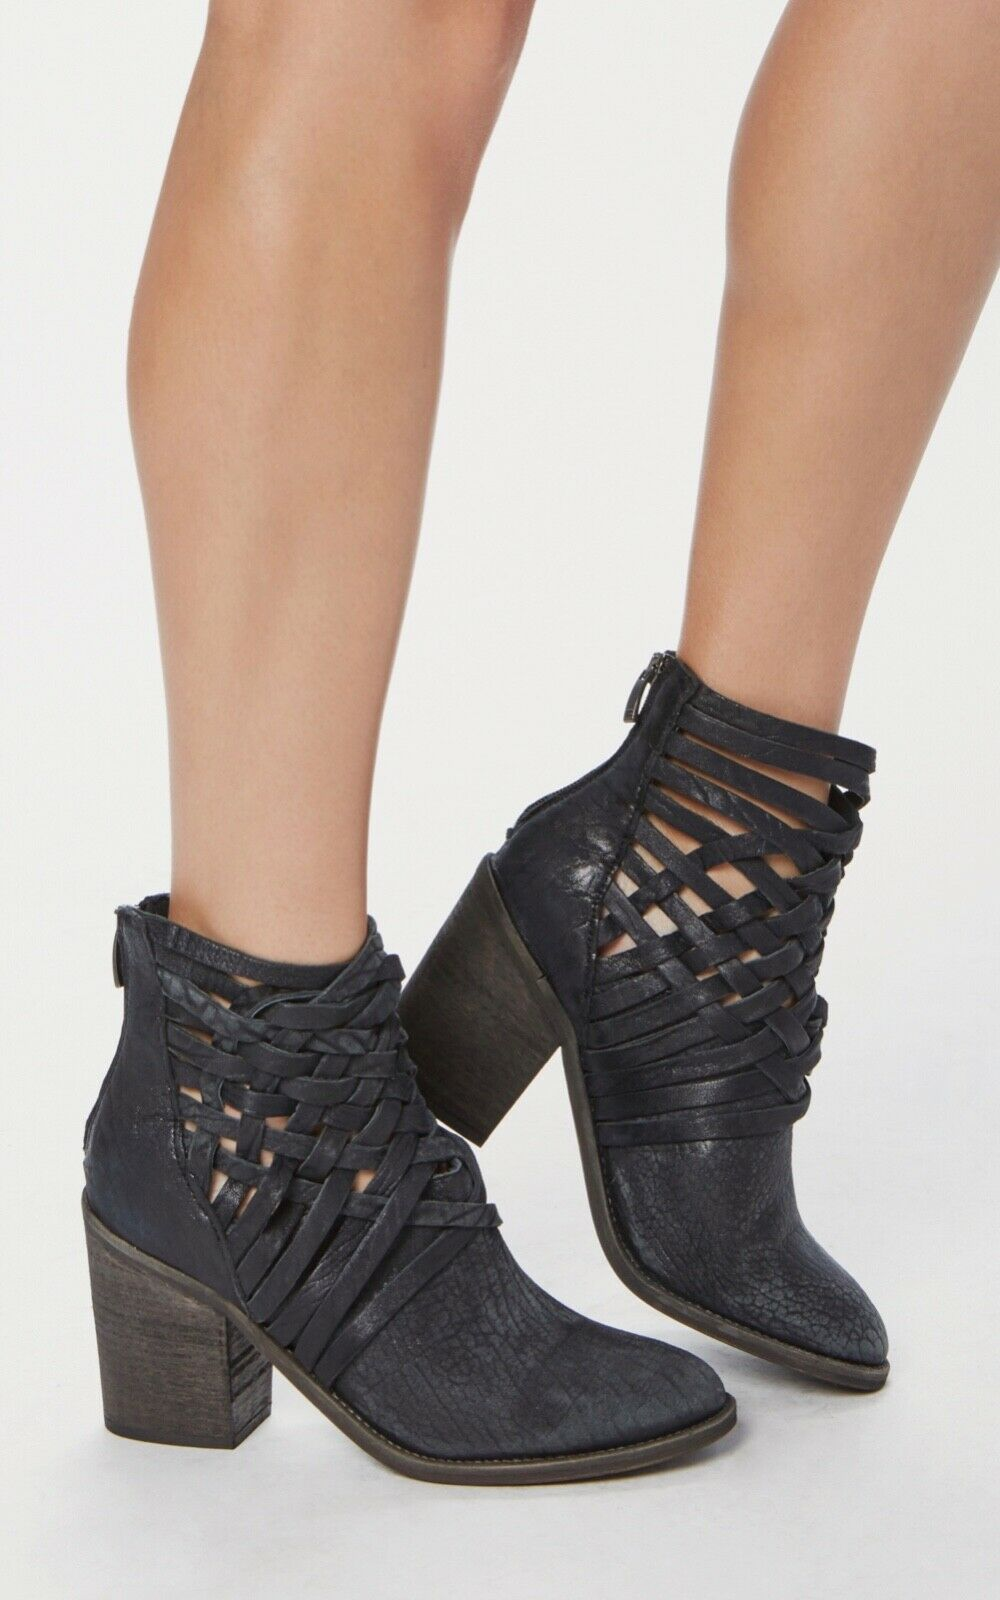 lo stile classico NEW Free People Carrera Woven Leather stivali Dimensione Dimensione Dimensione 37 nero Leather Heels  risparmiare sulla liquidazione